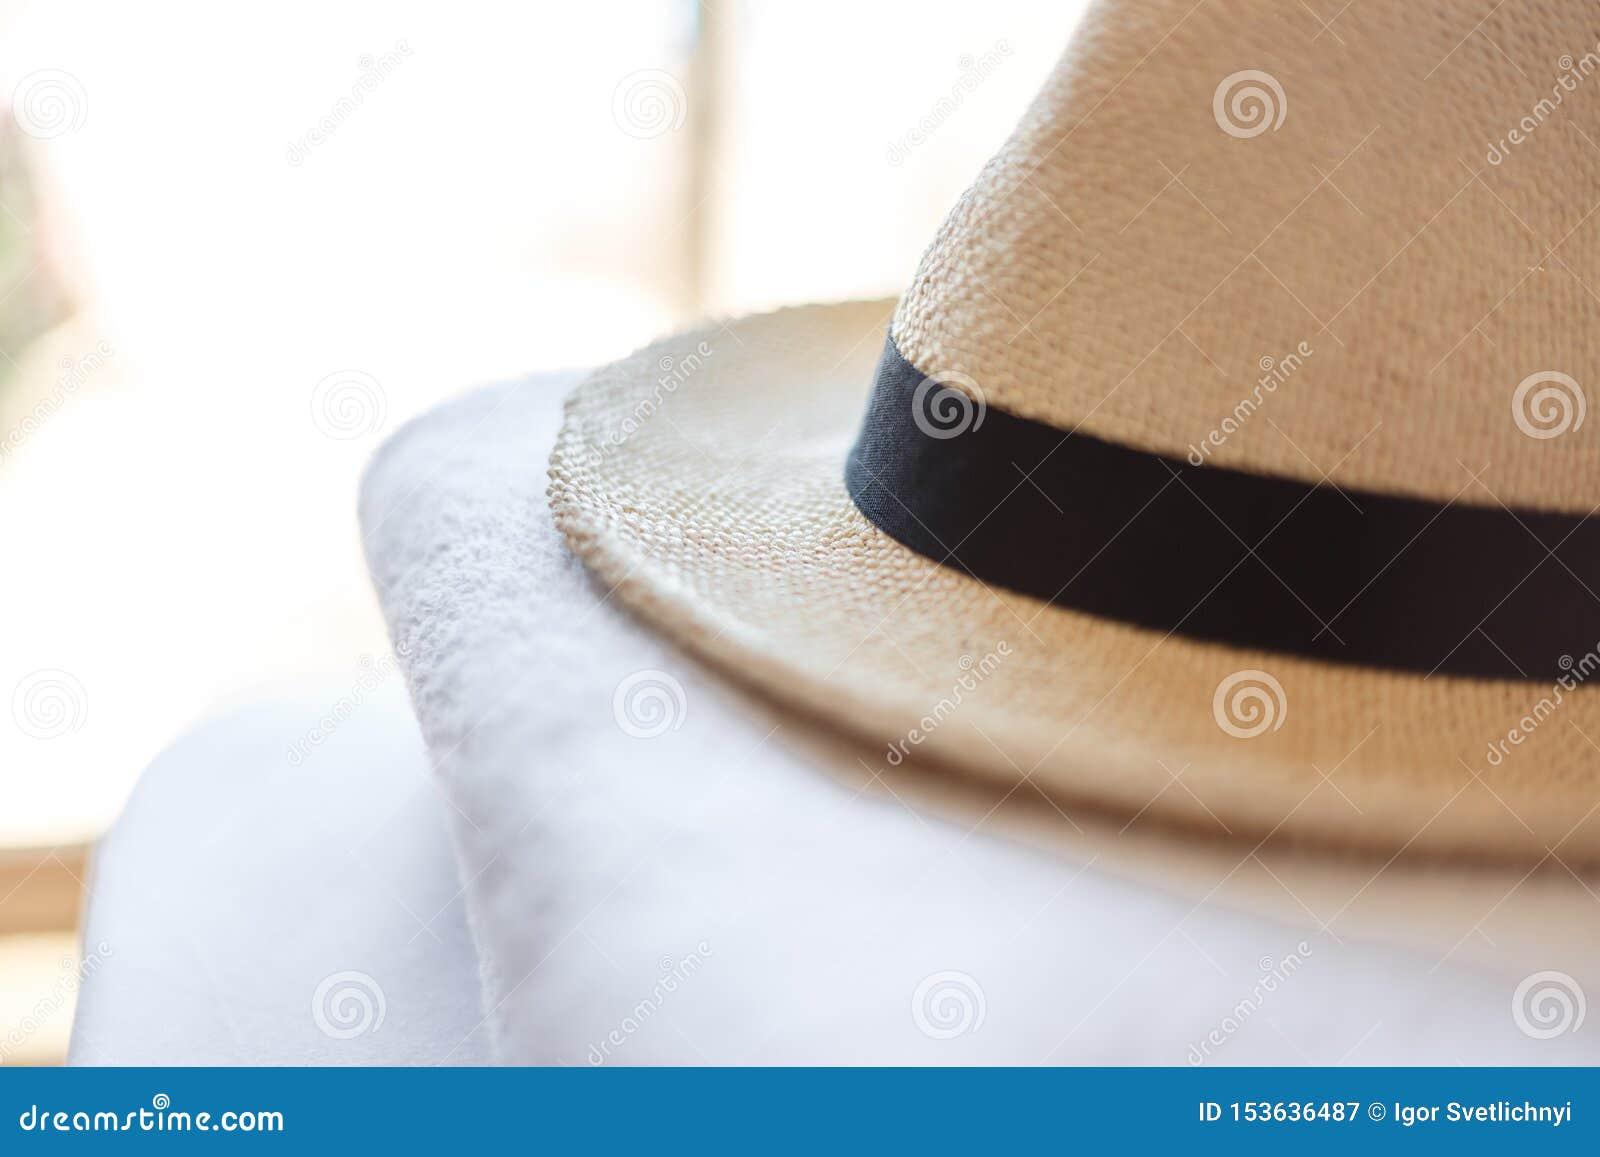 Accesorios del verano para la playa Gafas de sol en forma de corazón, sombrero de paja hecho punto elegante y toallas blancas Con